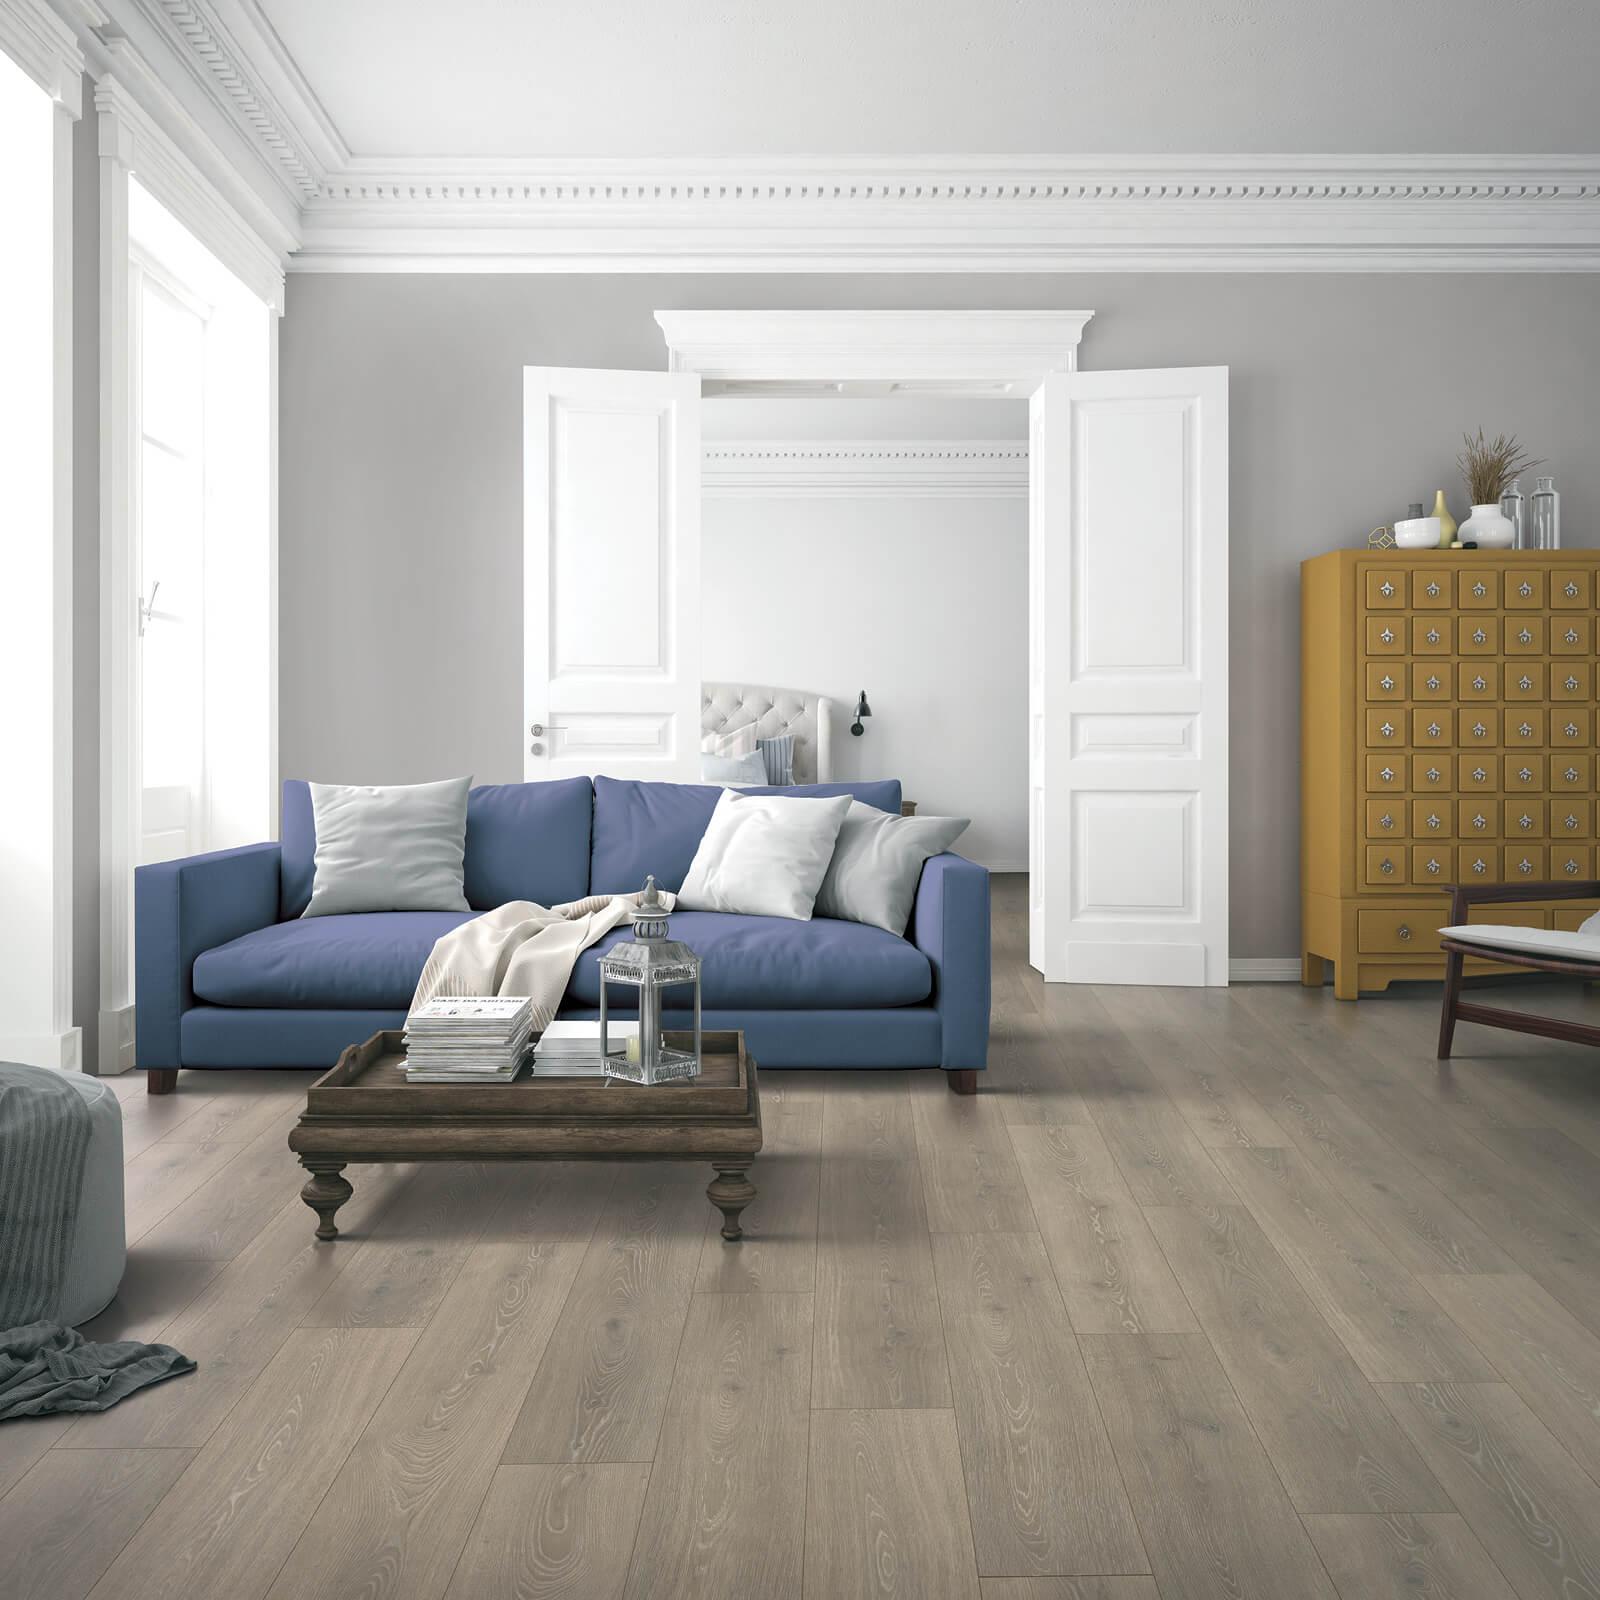 Blue sofa for living room | Dolphin Carpet & Tile